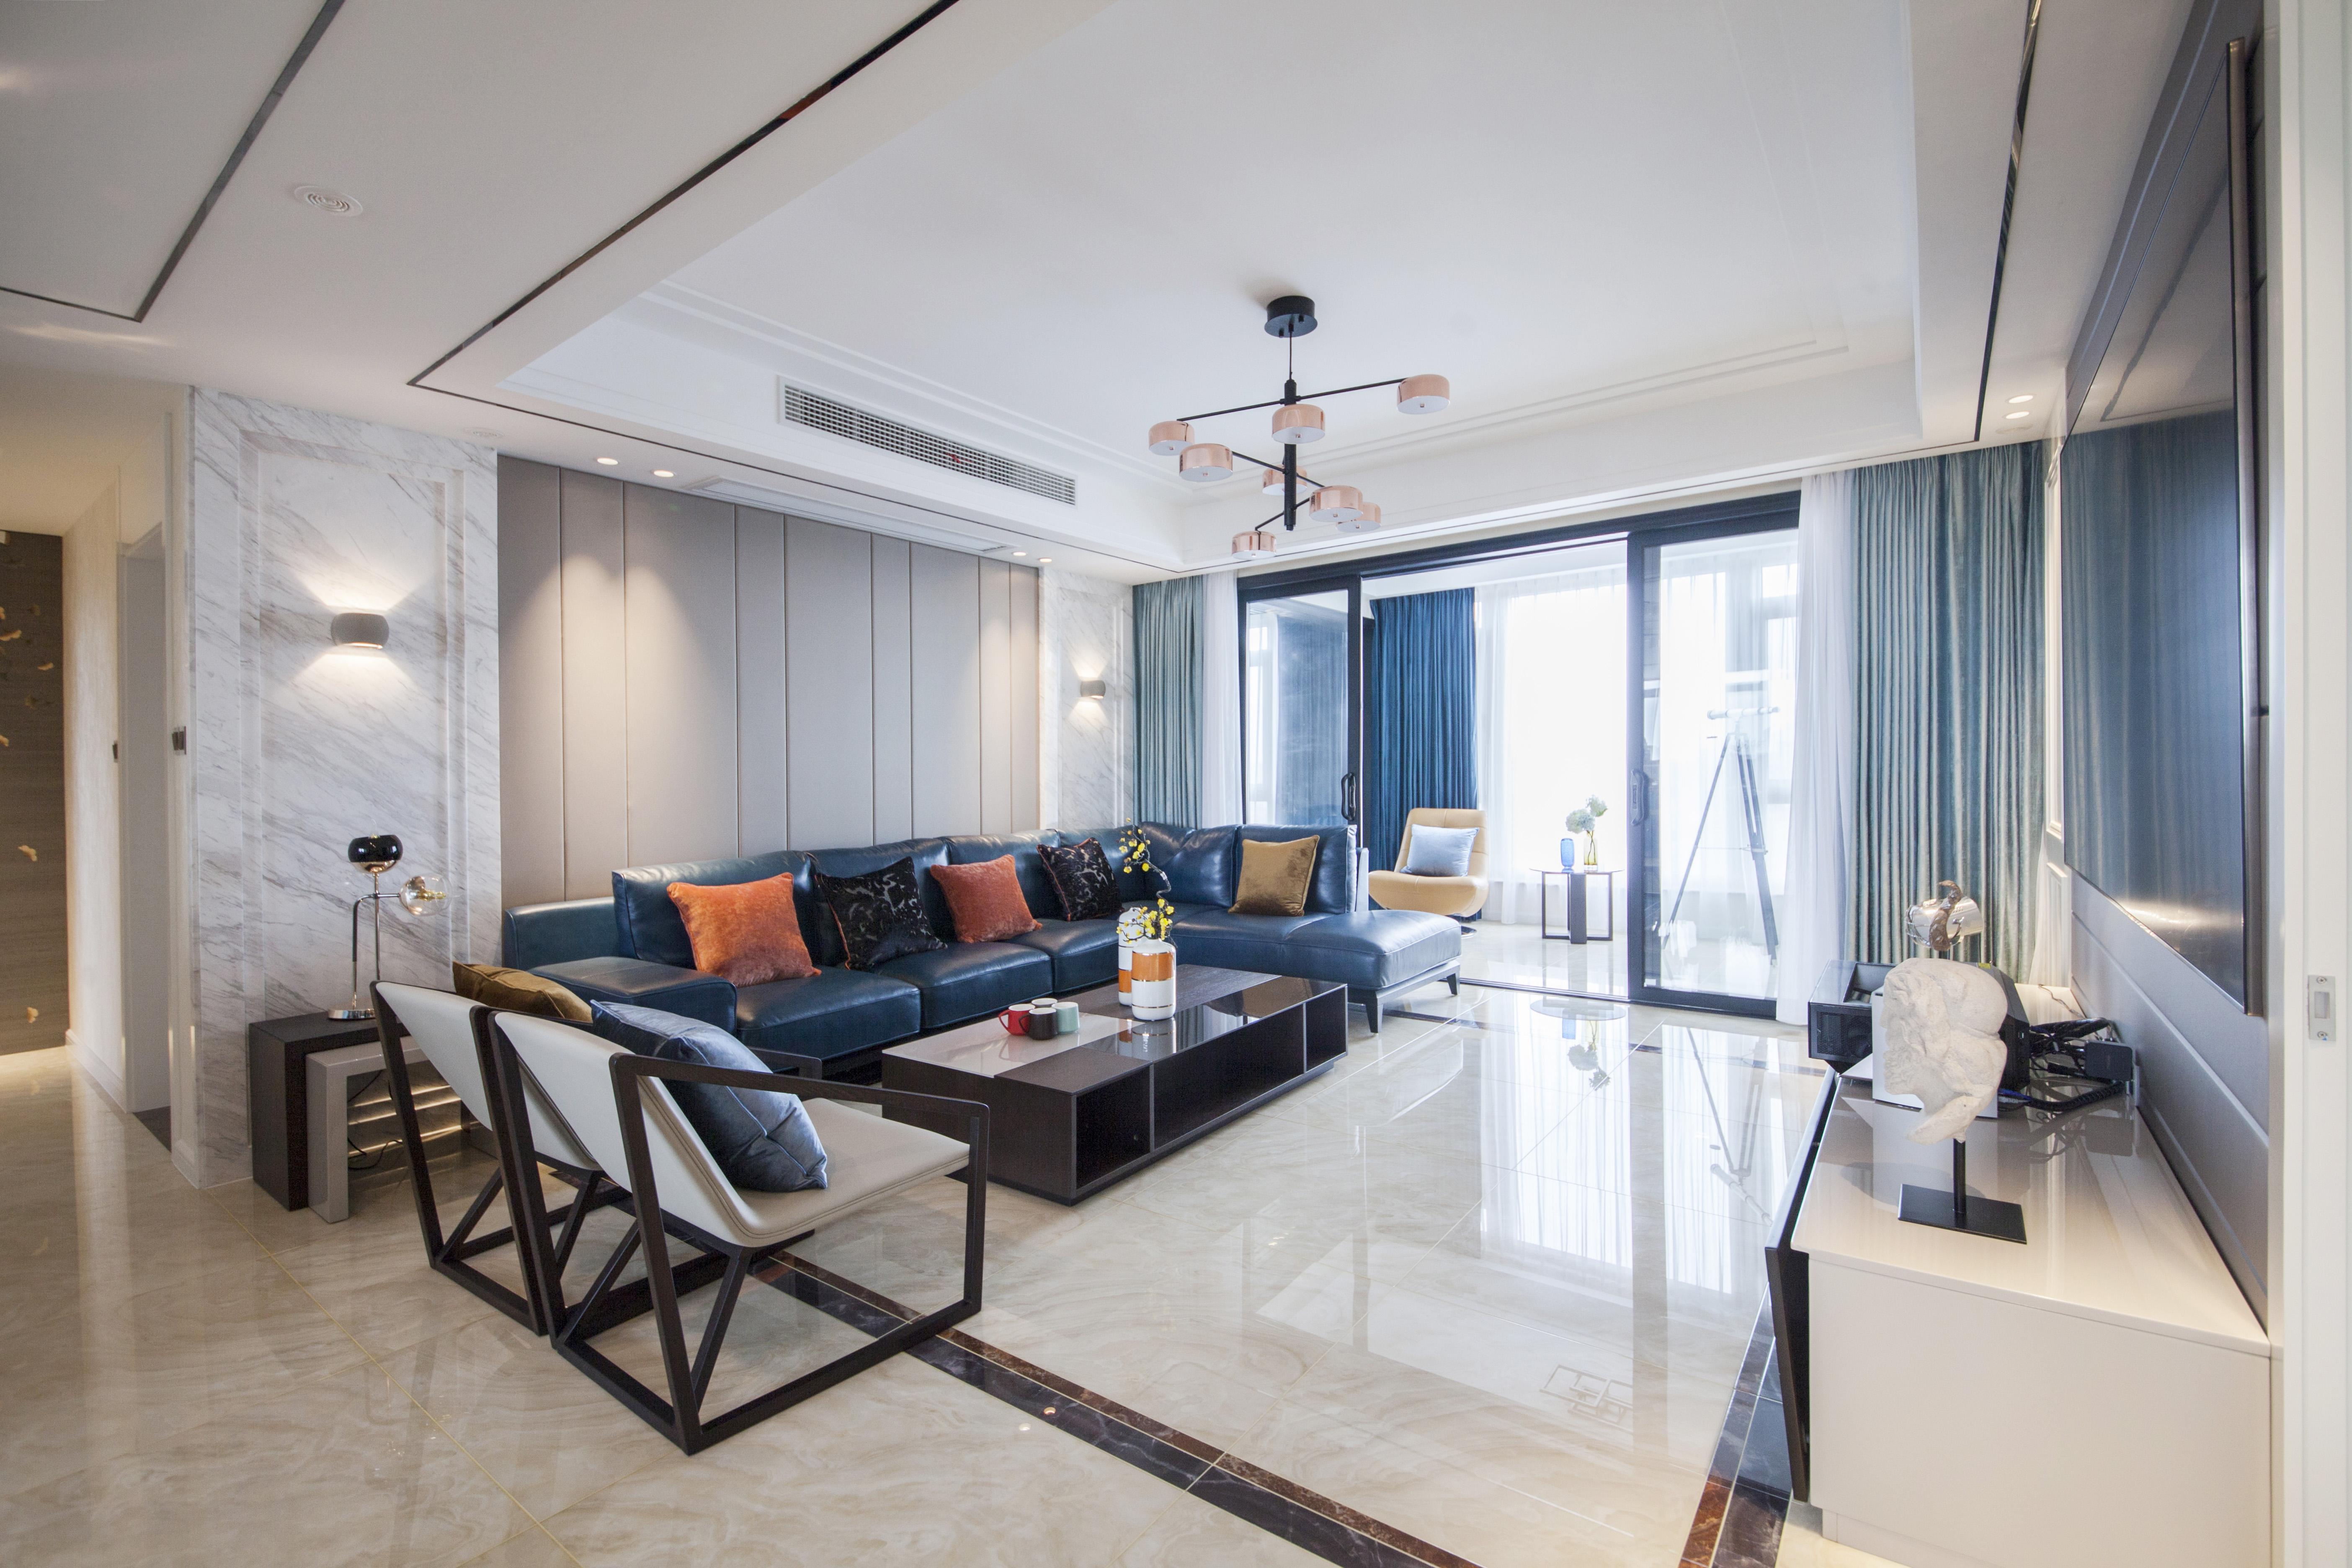 德诚翠湖湾—190平—现代轻奢风格实景案例